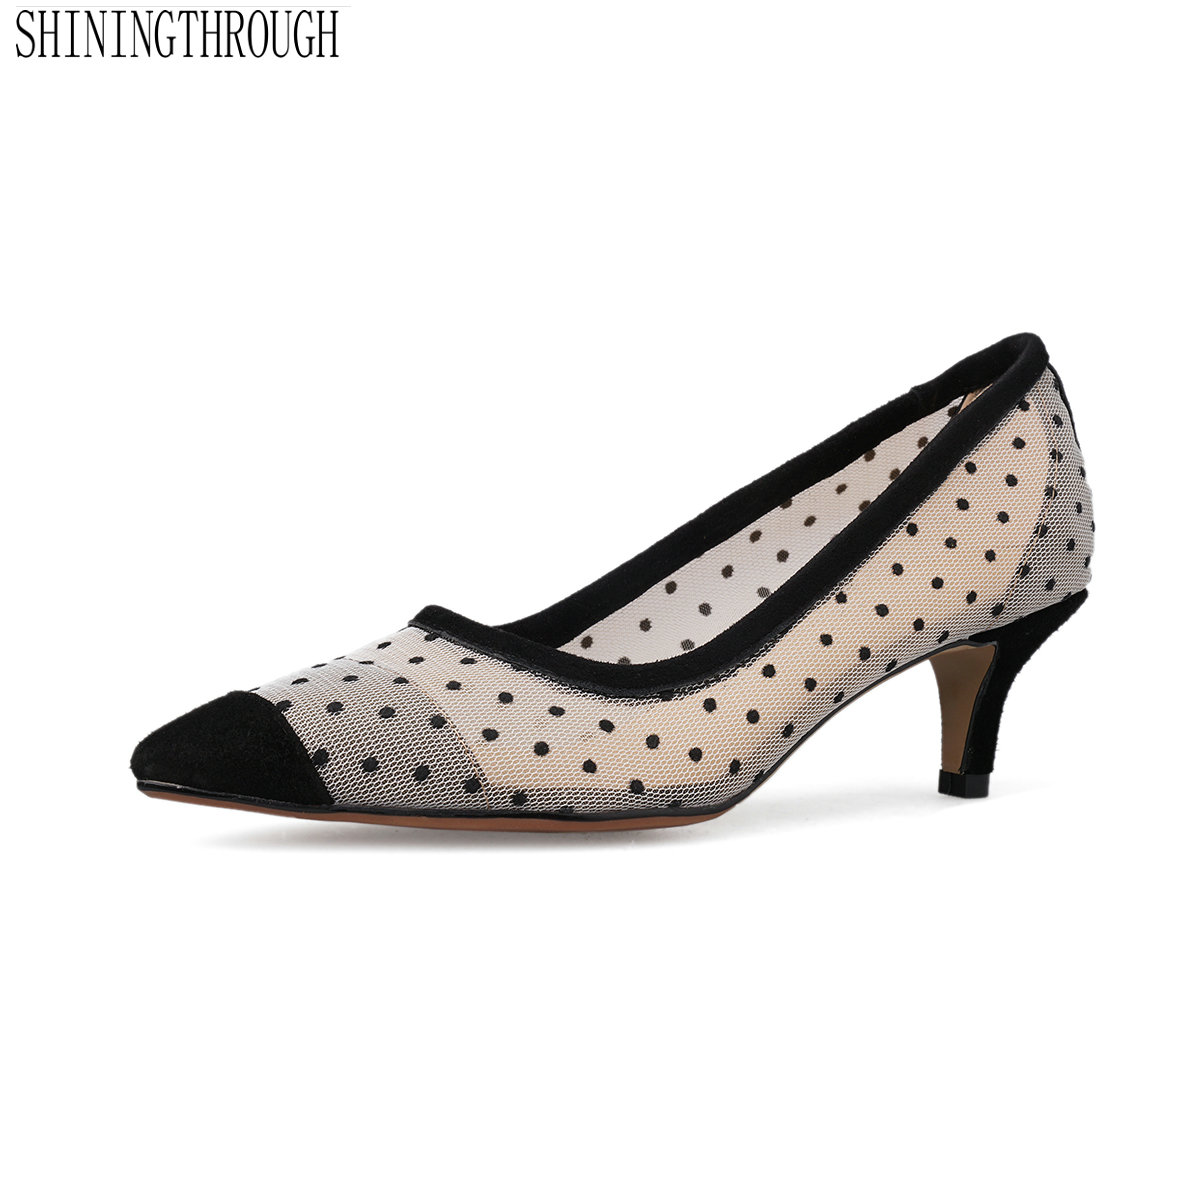 Élégant dentelle femmes pompes talons hauts Transparent dot chaussures de mariage femmes bout pointu Sexy chaussures de fête